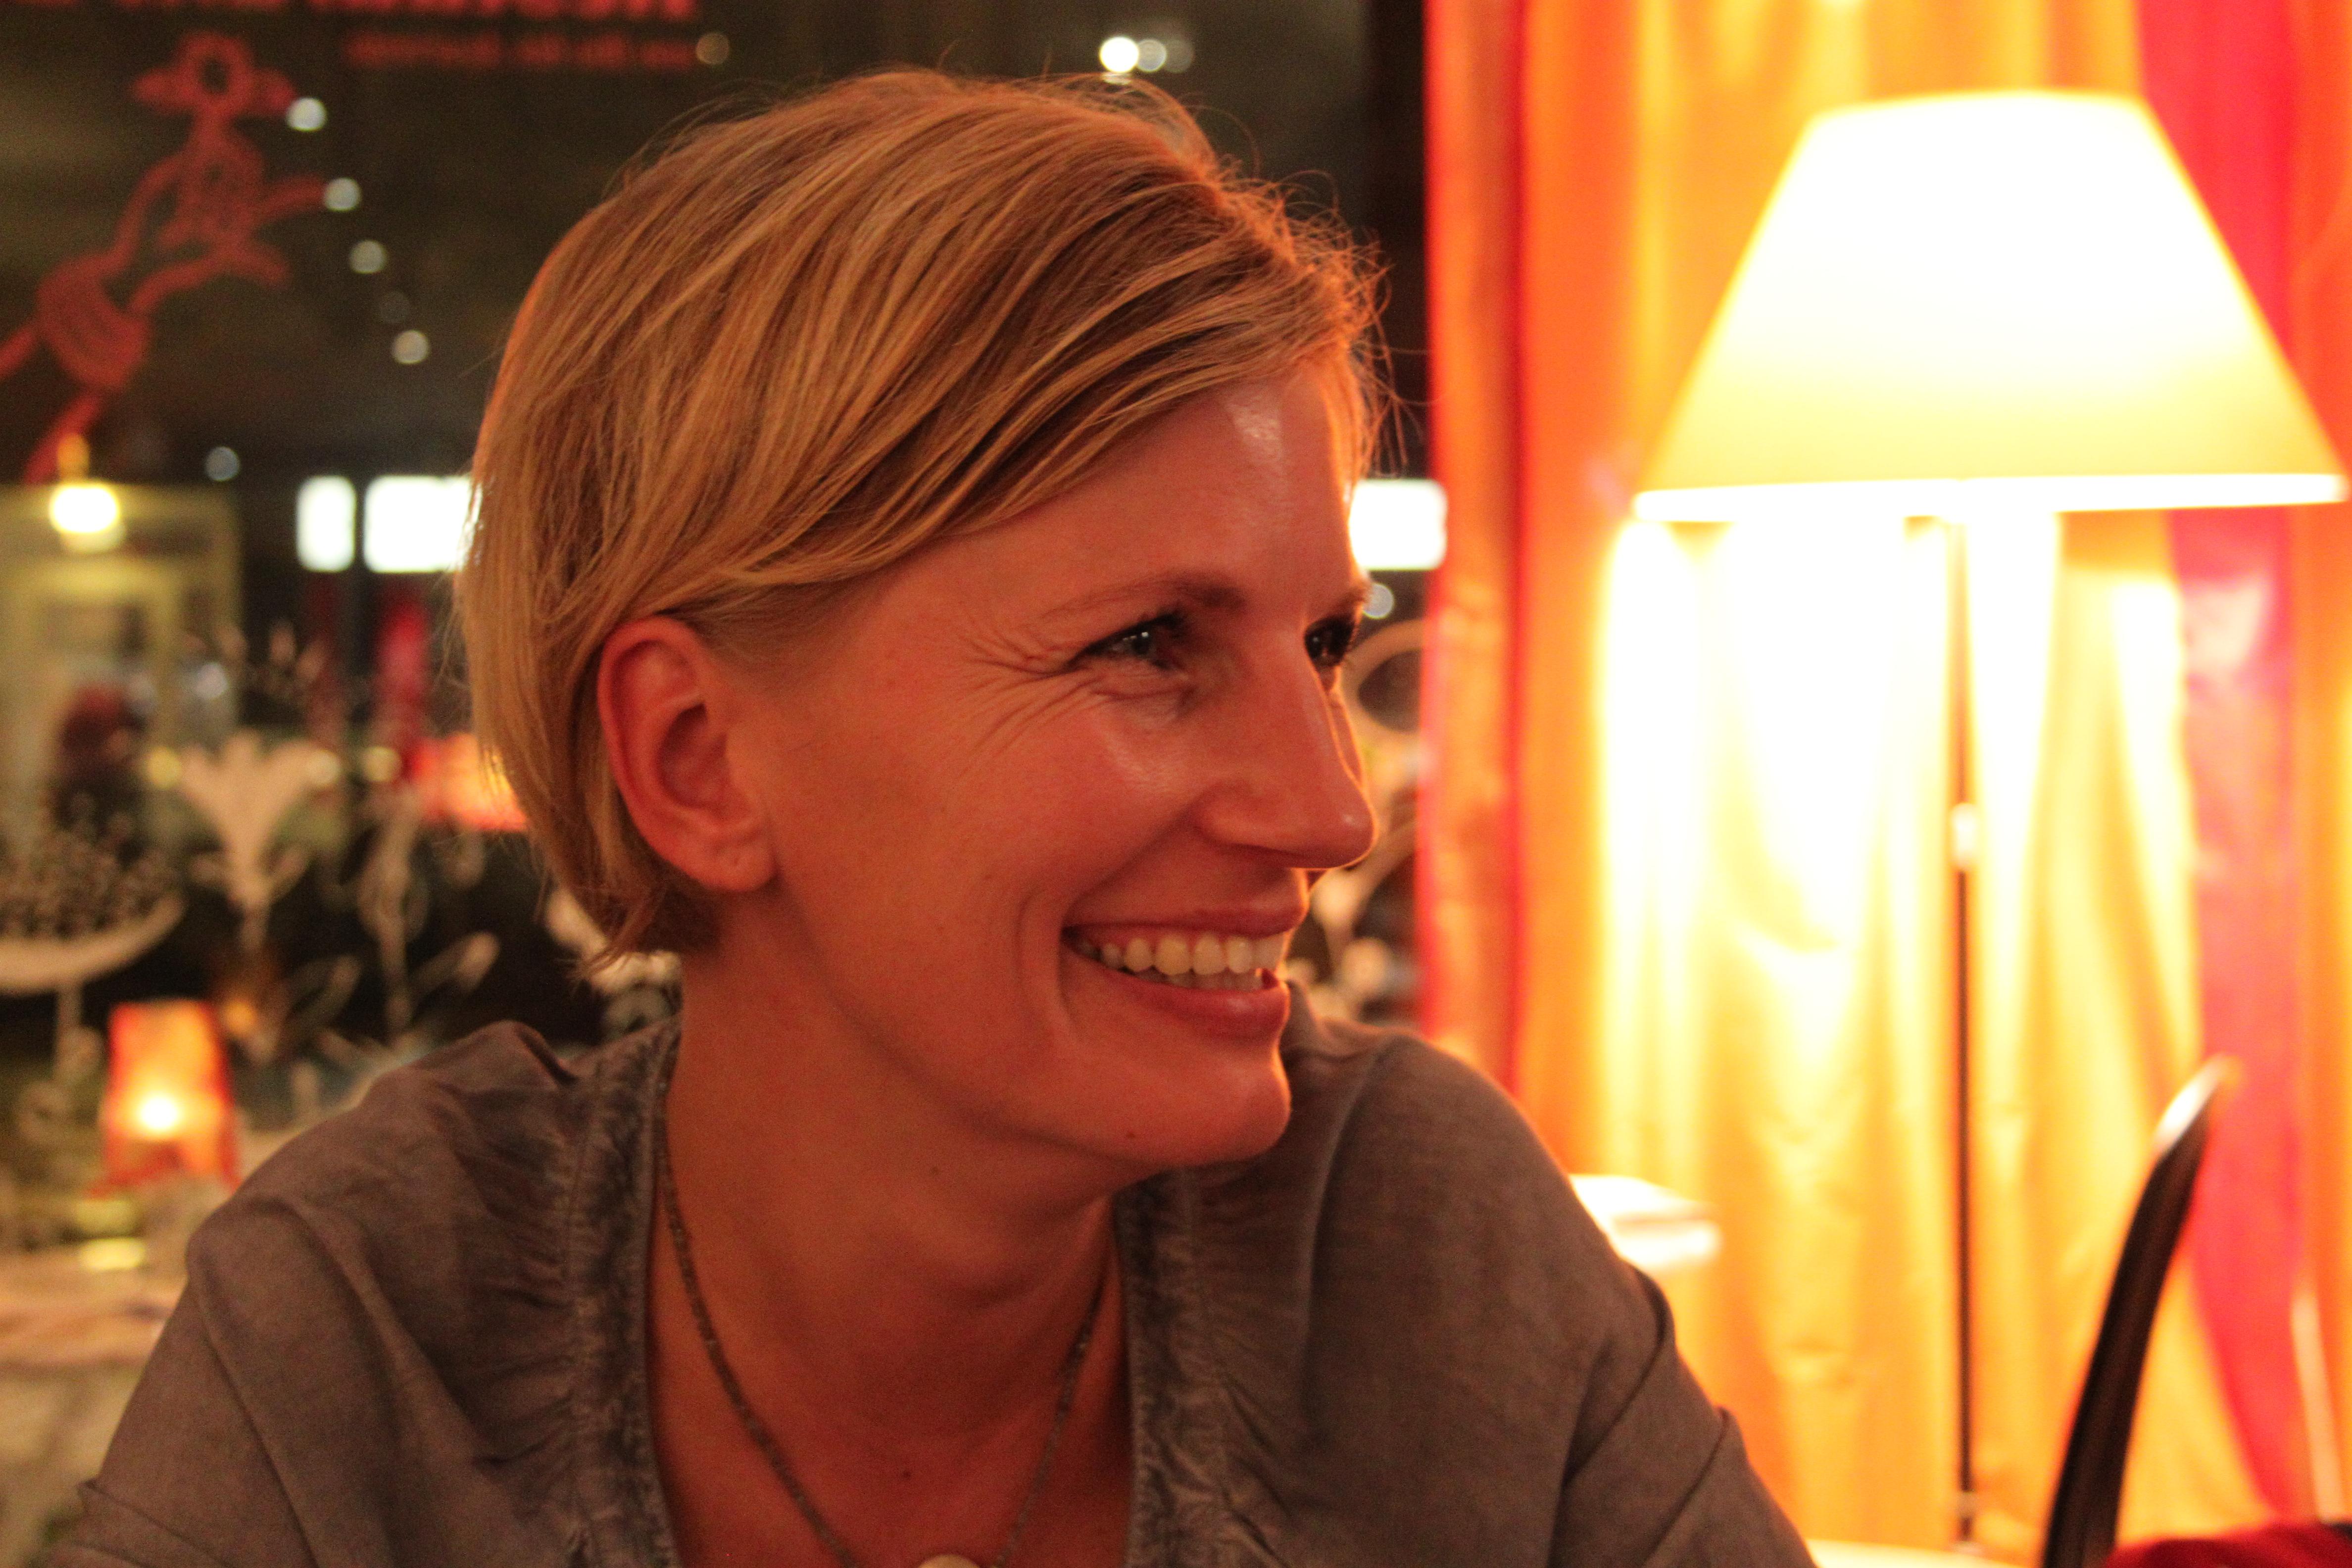 Isst aus gesundheitlichen Gründen vegan: Anne Treccarichi.